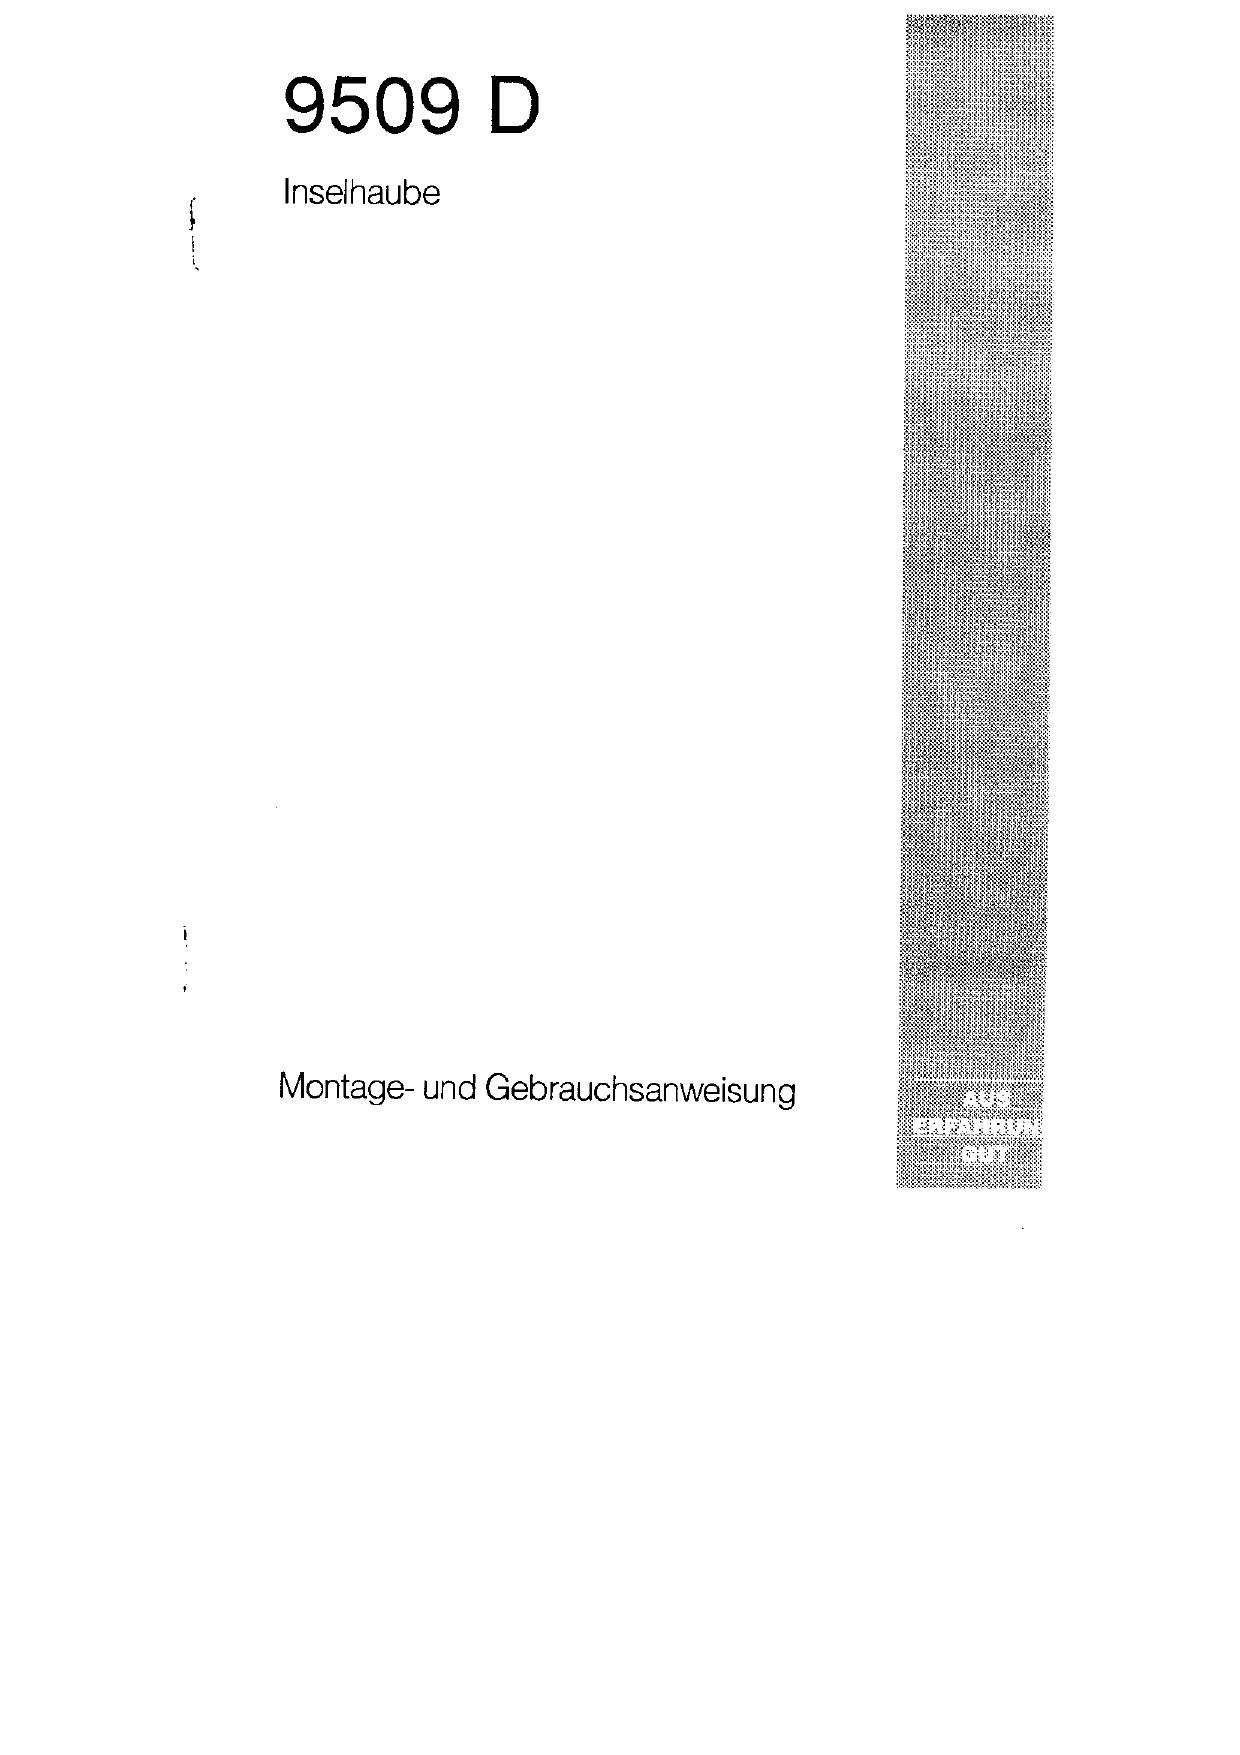 Aeg Dunstabzugshaube Bedienungsanleitung 2021